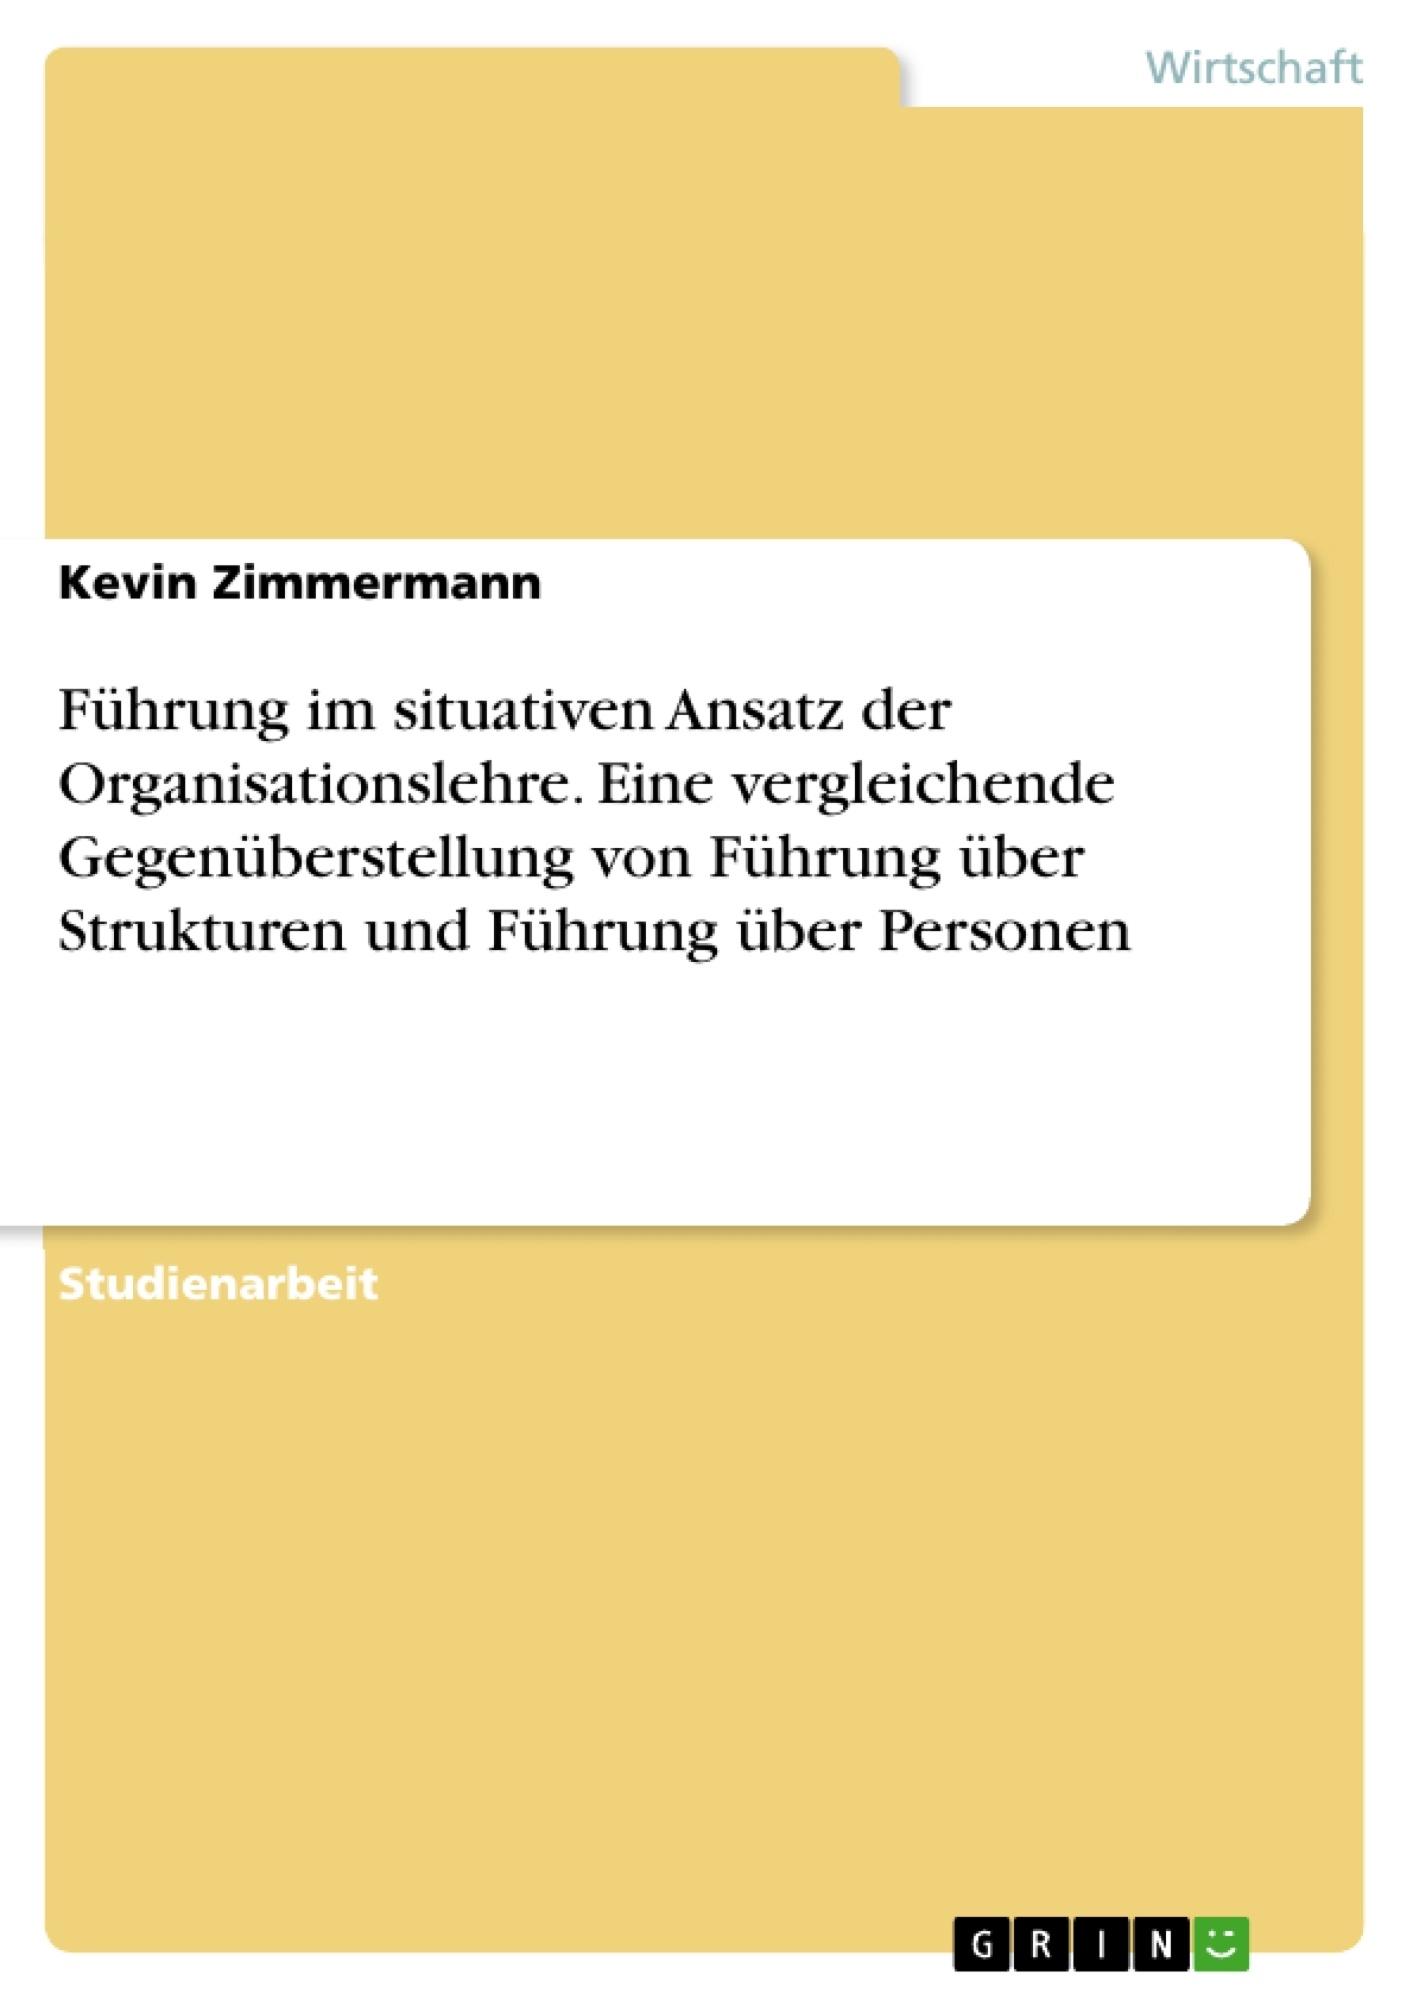 Titel: Führung im situativen Ansatz der Organisationslehre. Eine vergleichende Gegenüberstellung von Führung über Strukturen und Führung über Personen